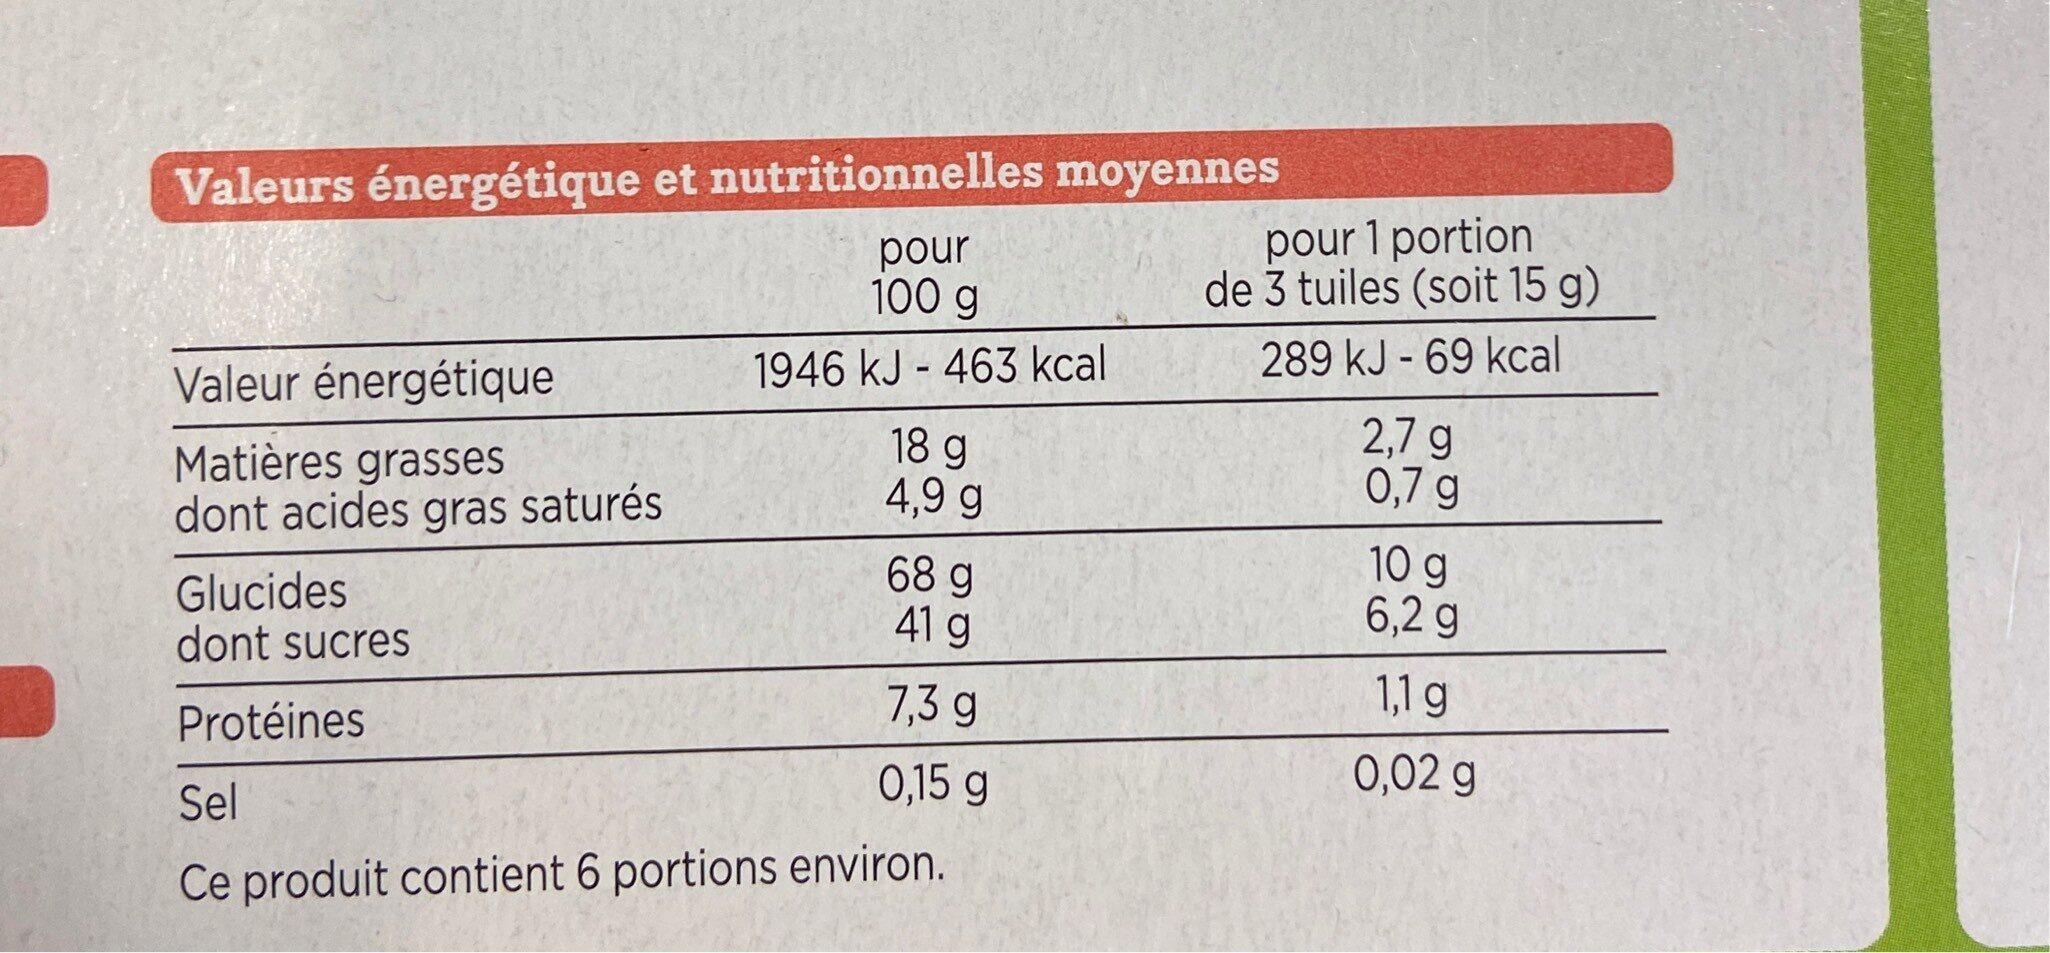 Tuiles aux amandes - Informations nutritionnelles - fr